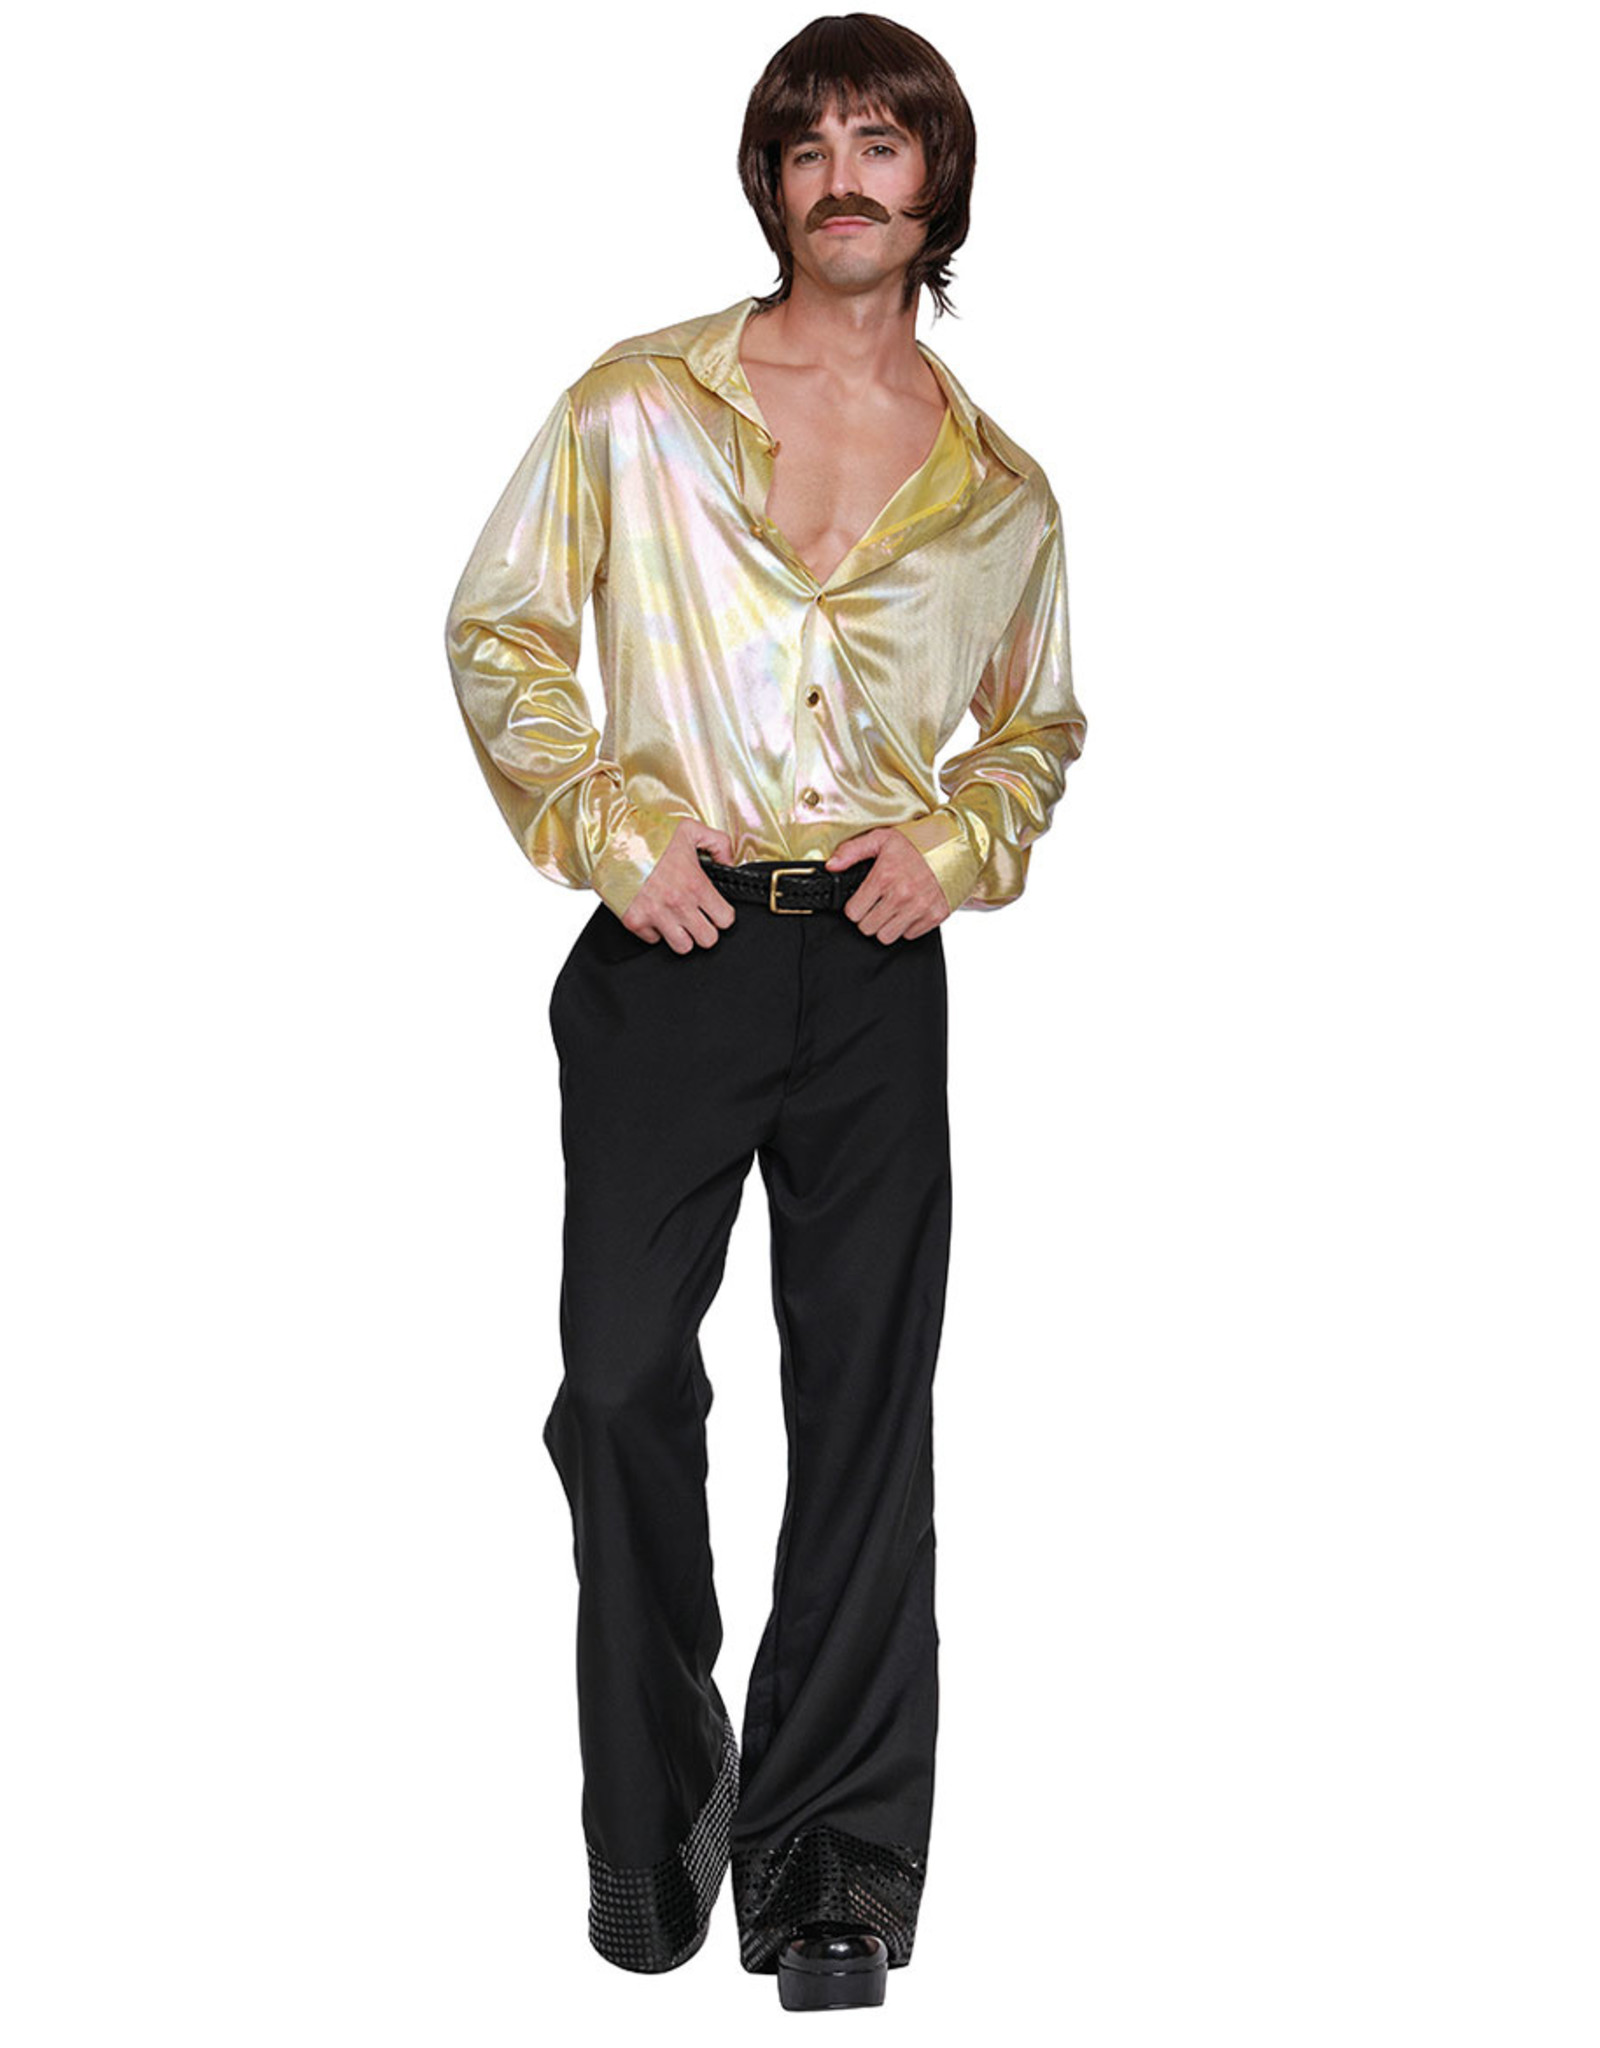 Dreamgirl Men's 70's Icon